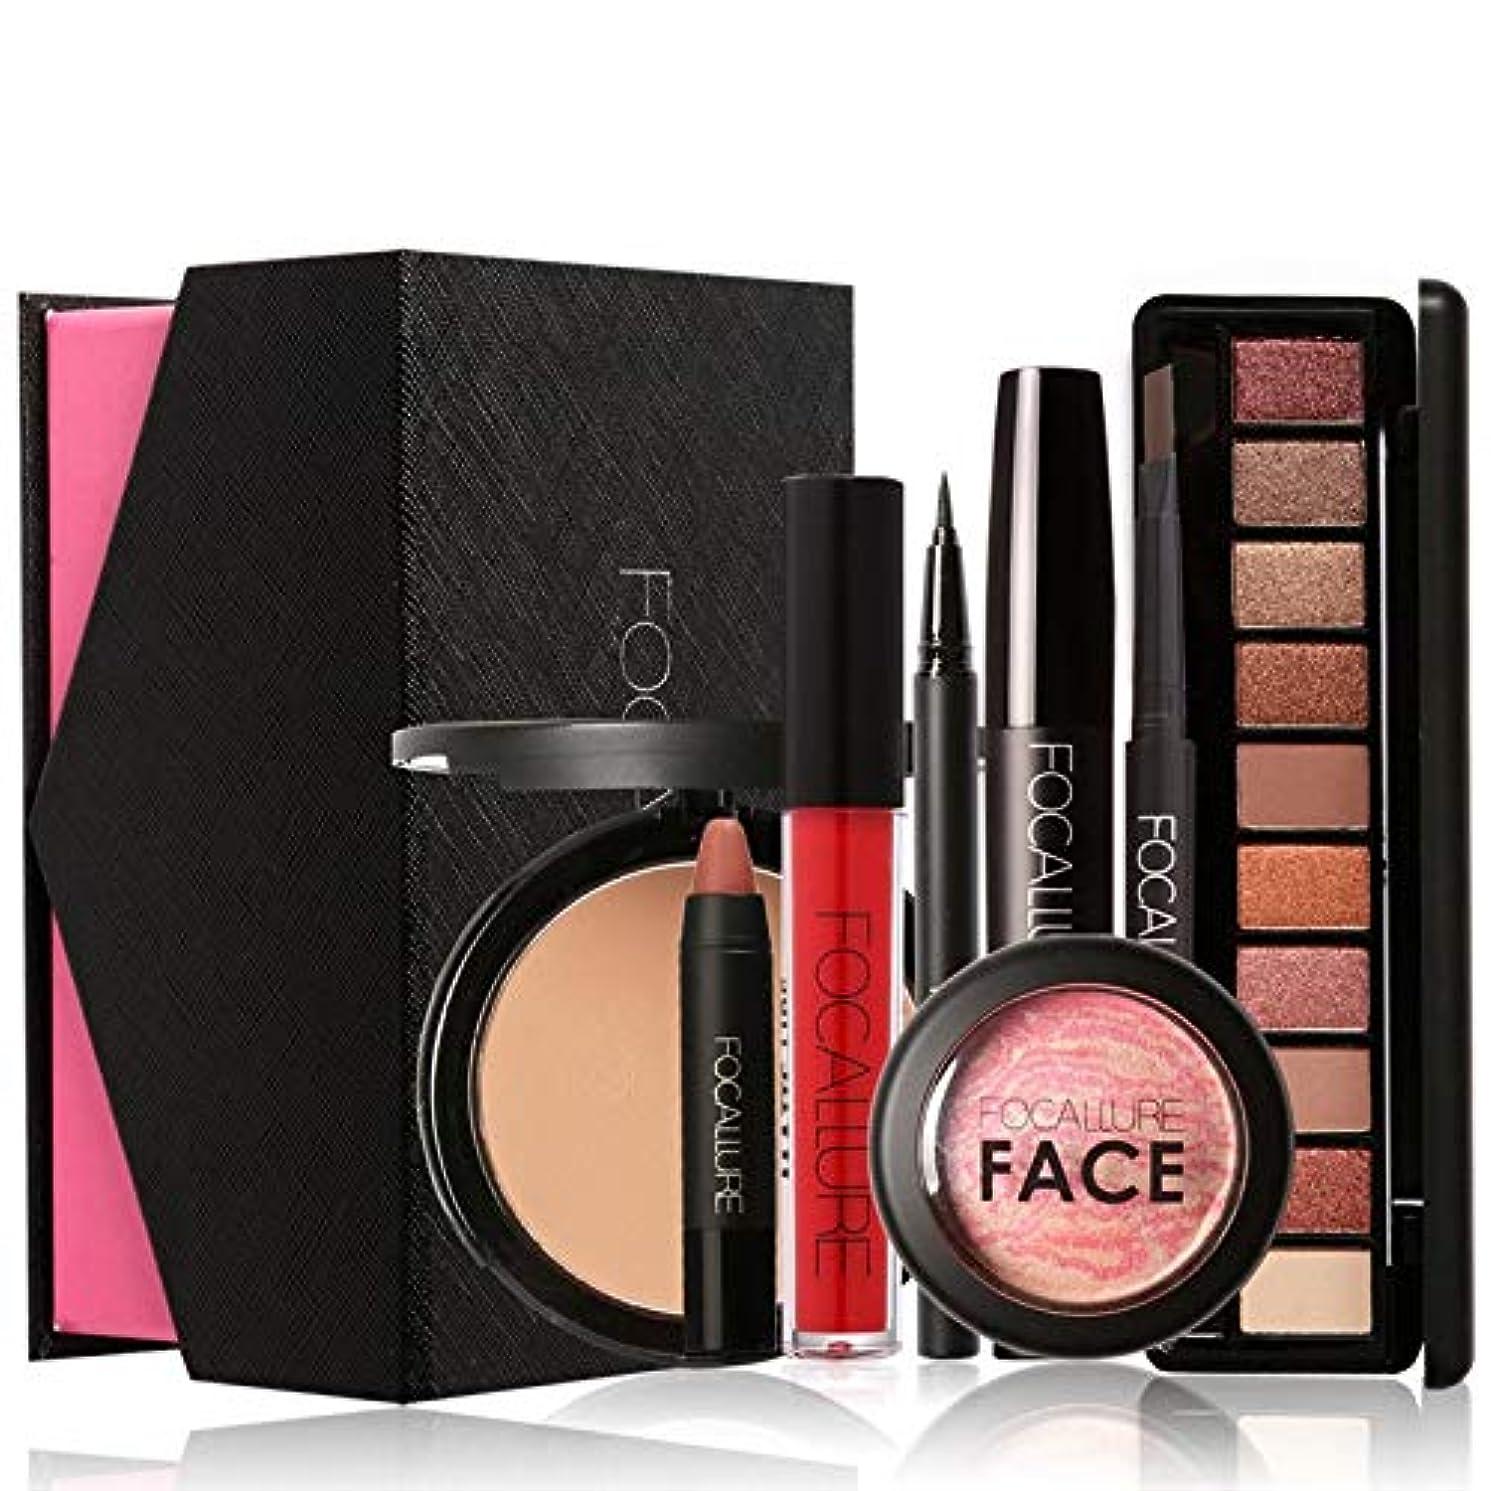 精度矛盾エピソード8Pcs Daily Use Cosmetics Makeup Sets Make Up Cosmetics Gift Makeup Set for women 毎日の使用8個の化粧品メイクアップセットメイクアップ化粧品ギフトメイクアップセット